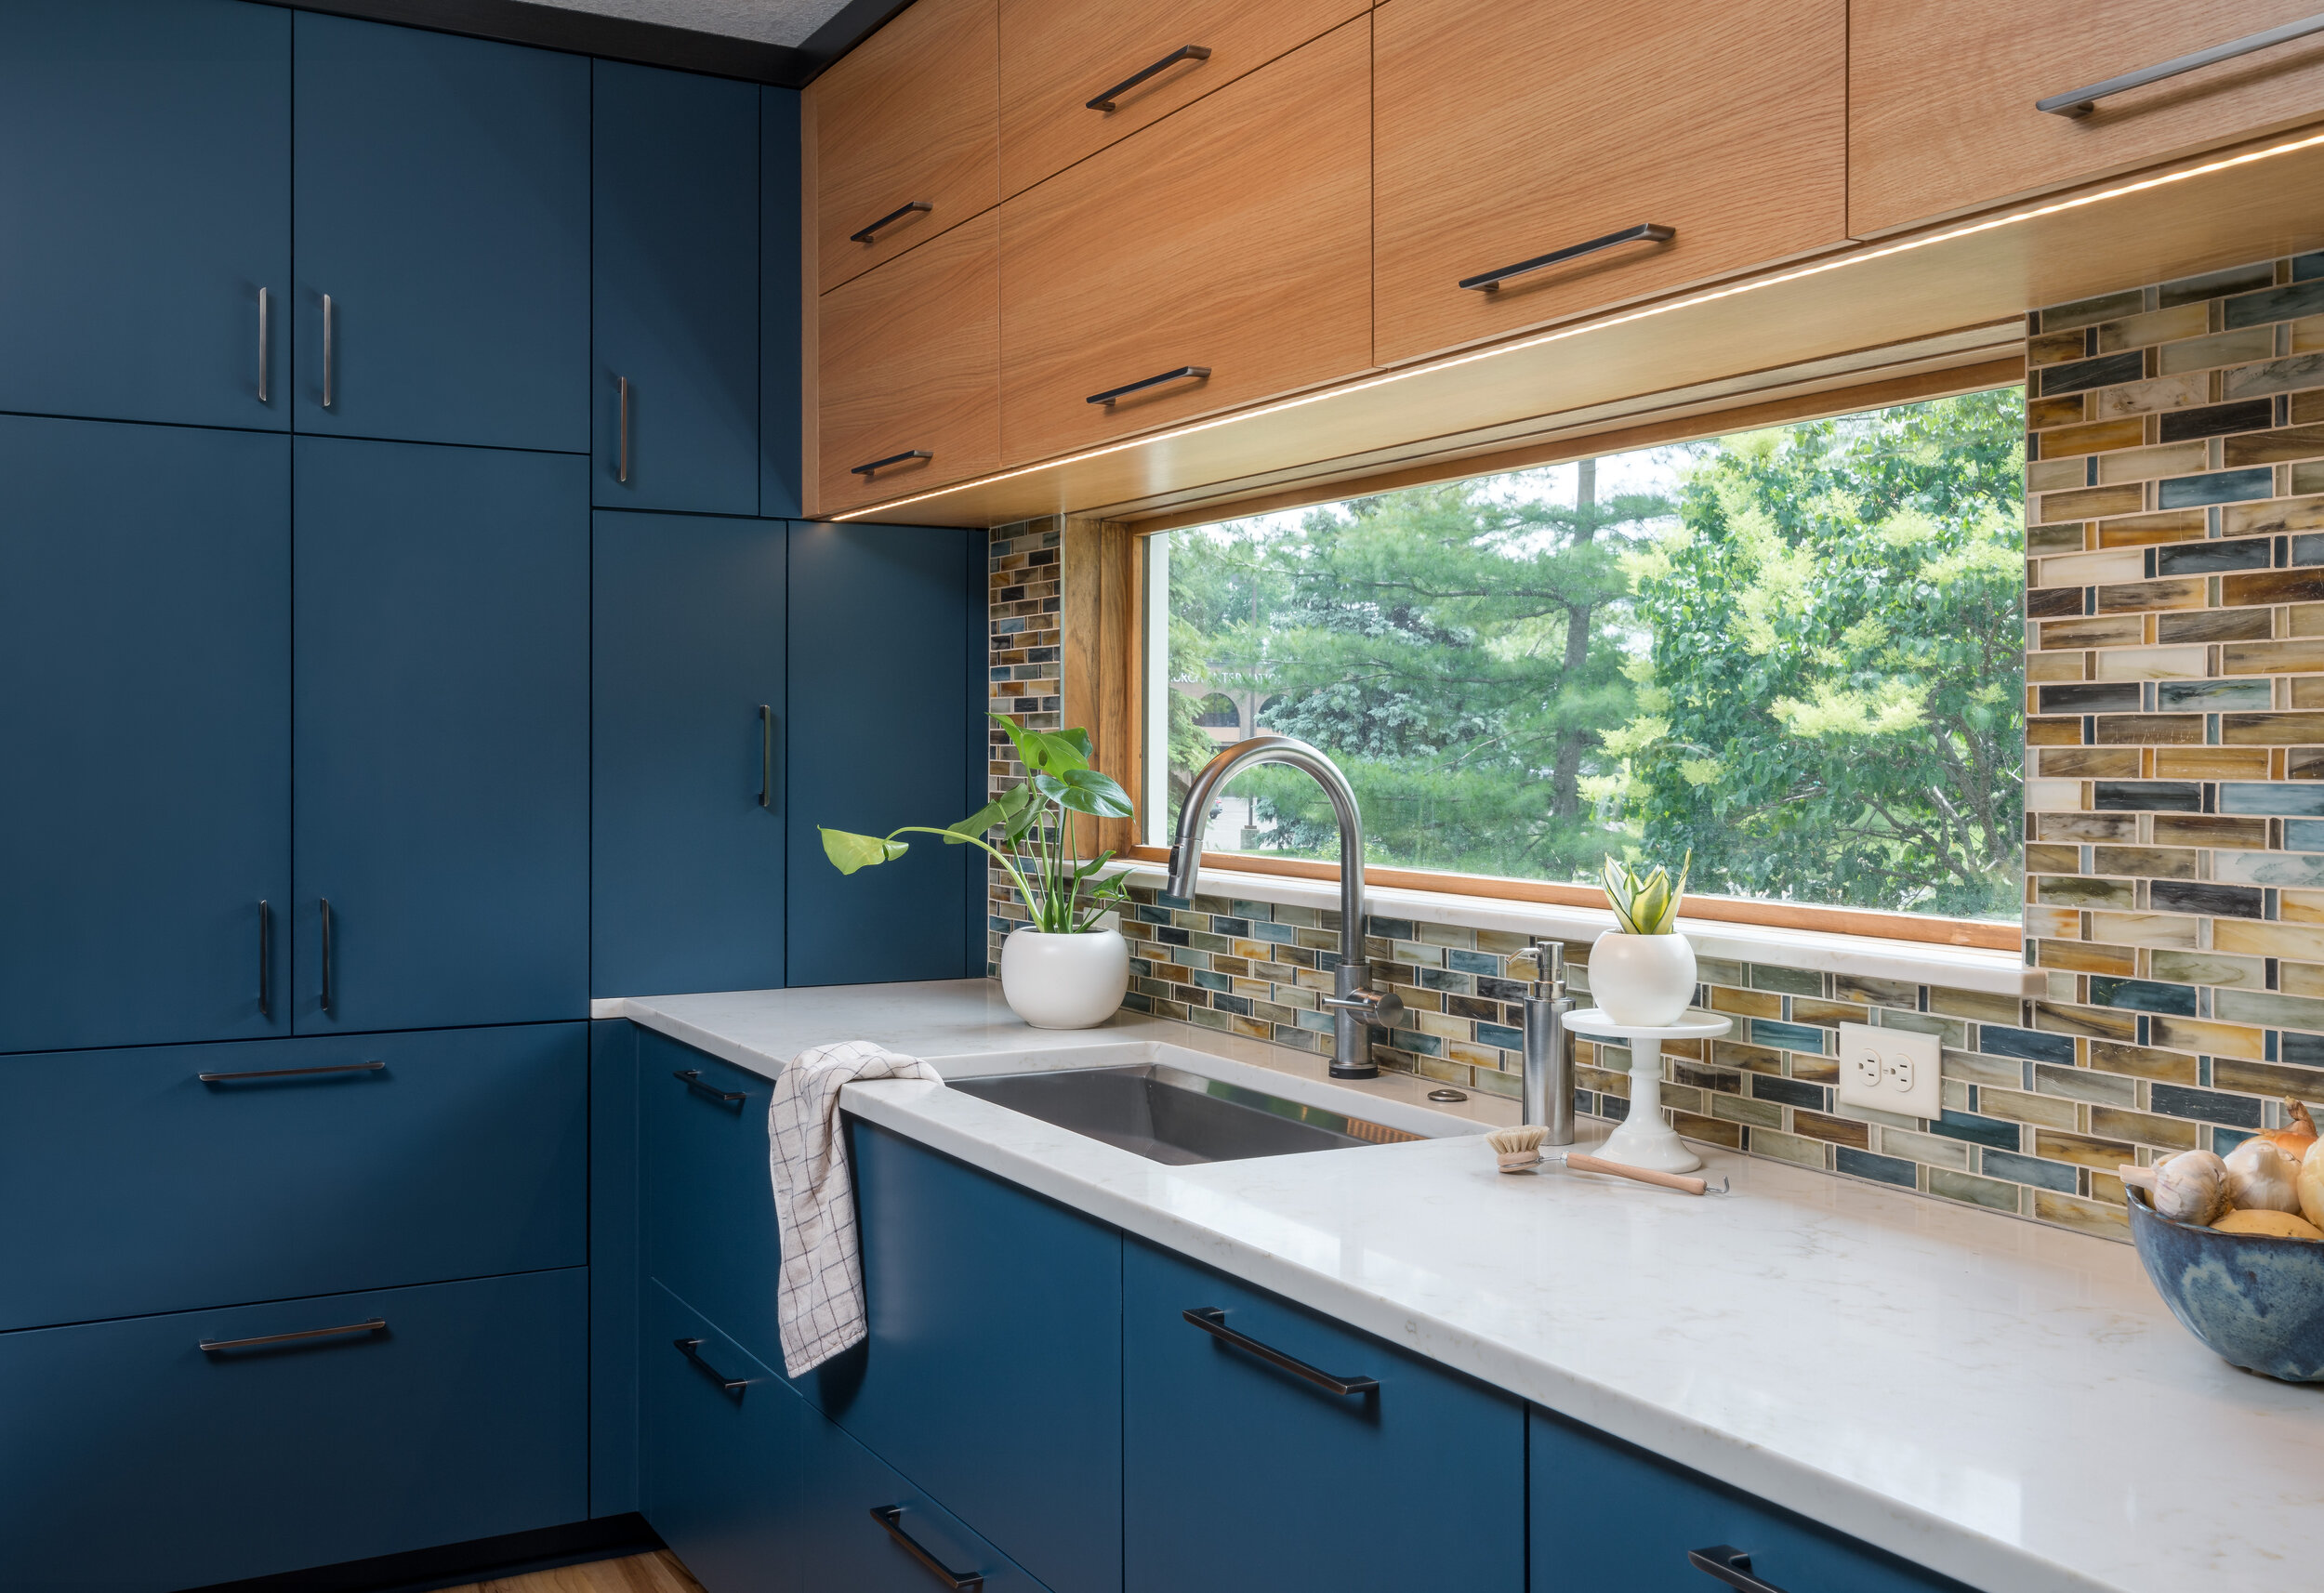 web_Lieberman_Residence-Kitchen_Sink_Window.jpg